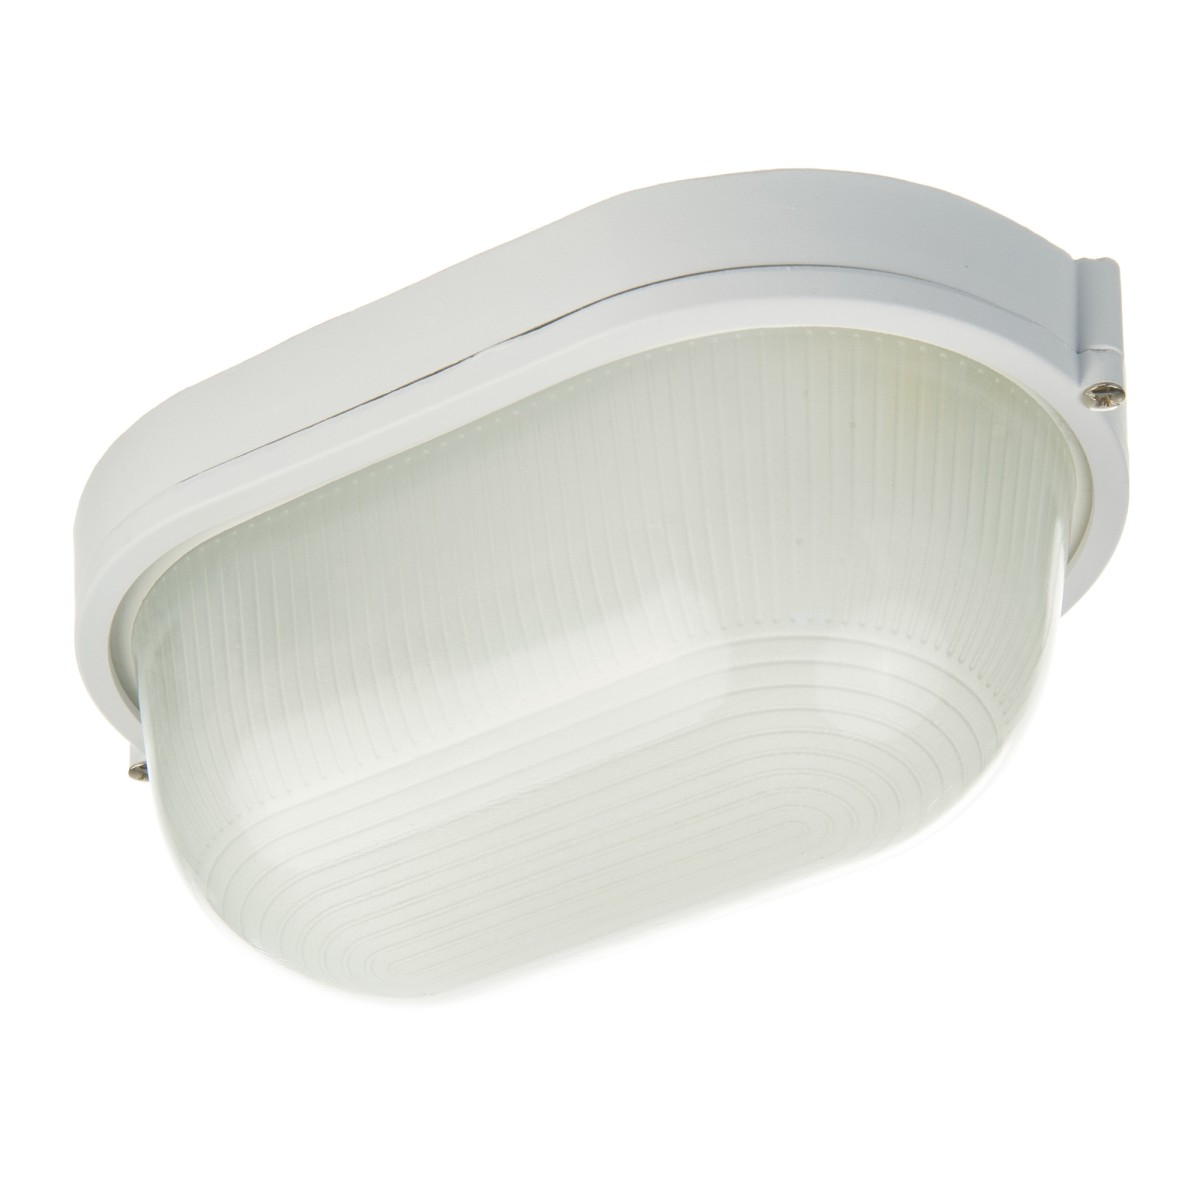 Светильник настенно-потолочный без решетки 1xE27x100 Вт IP54